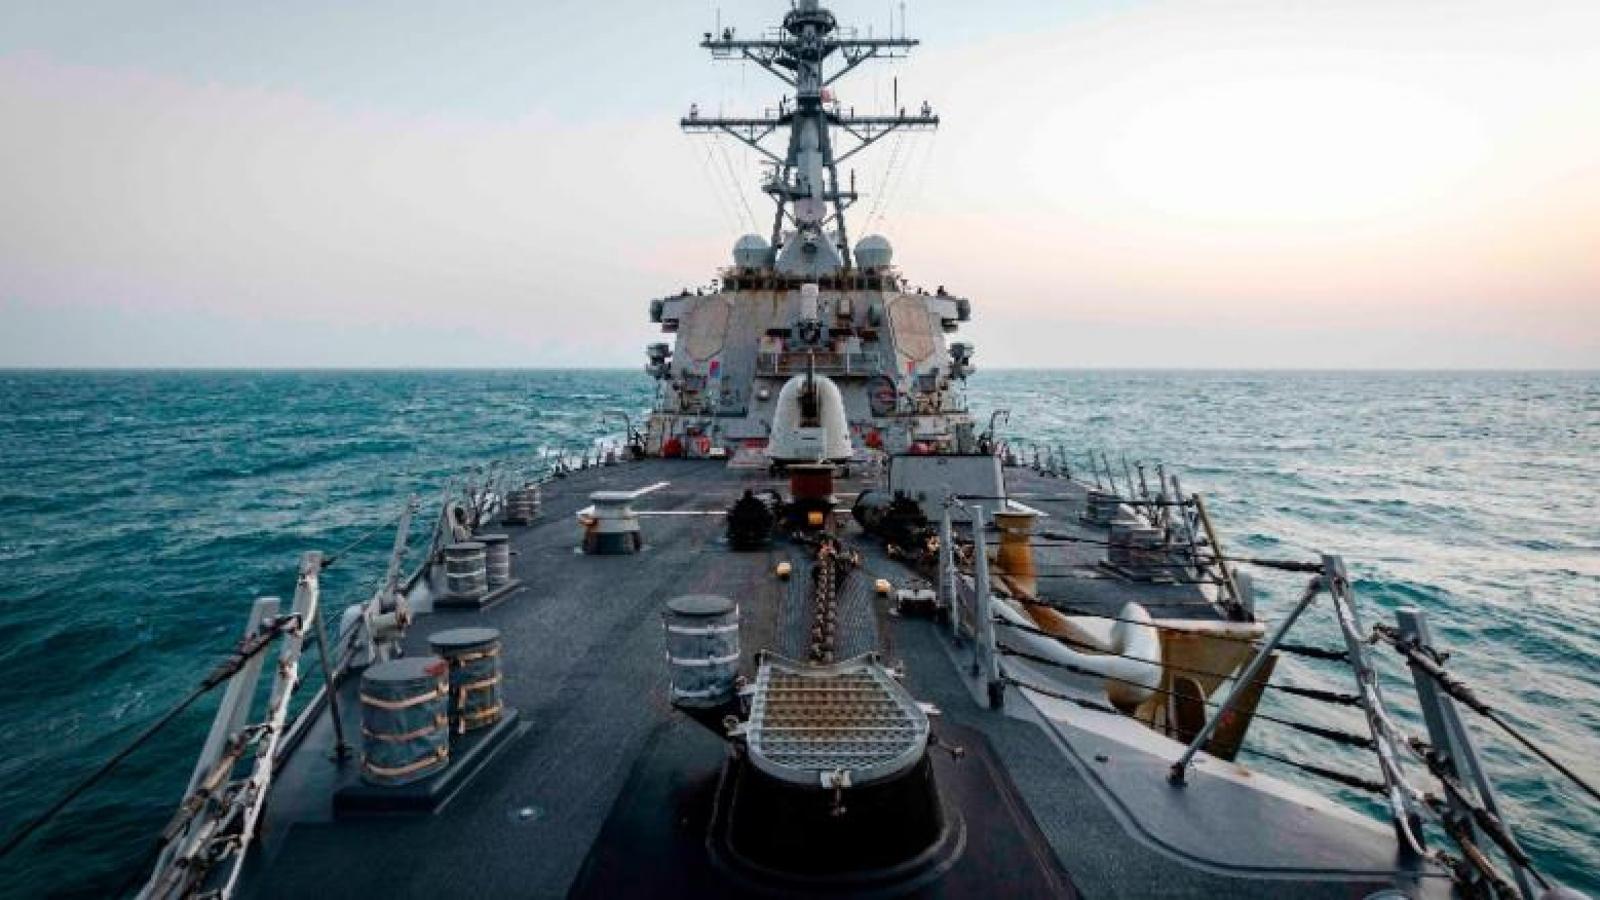 Mỹ lần đầu điều tàu chiến qua eo biển Đài Loan dưới thời Tổng thống Biden